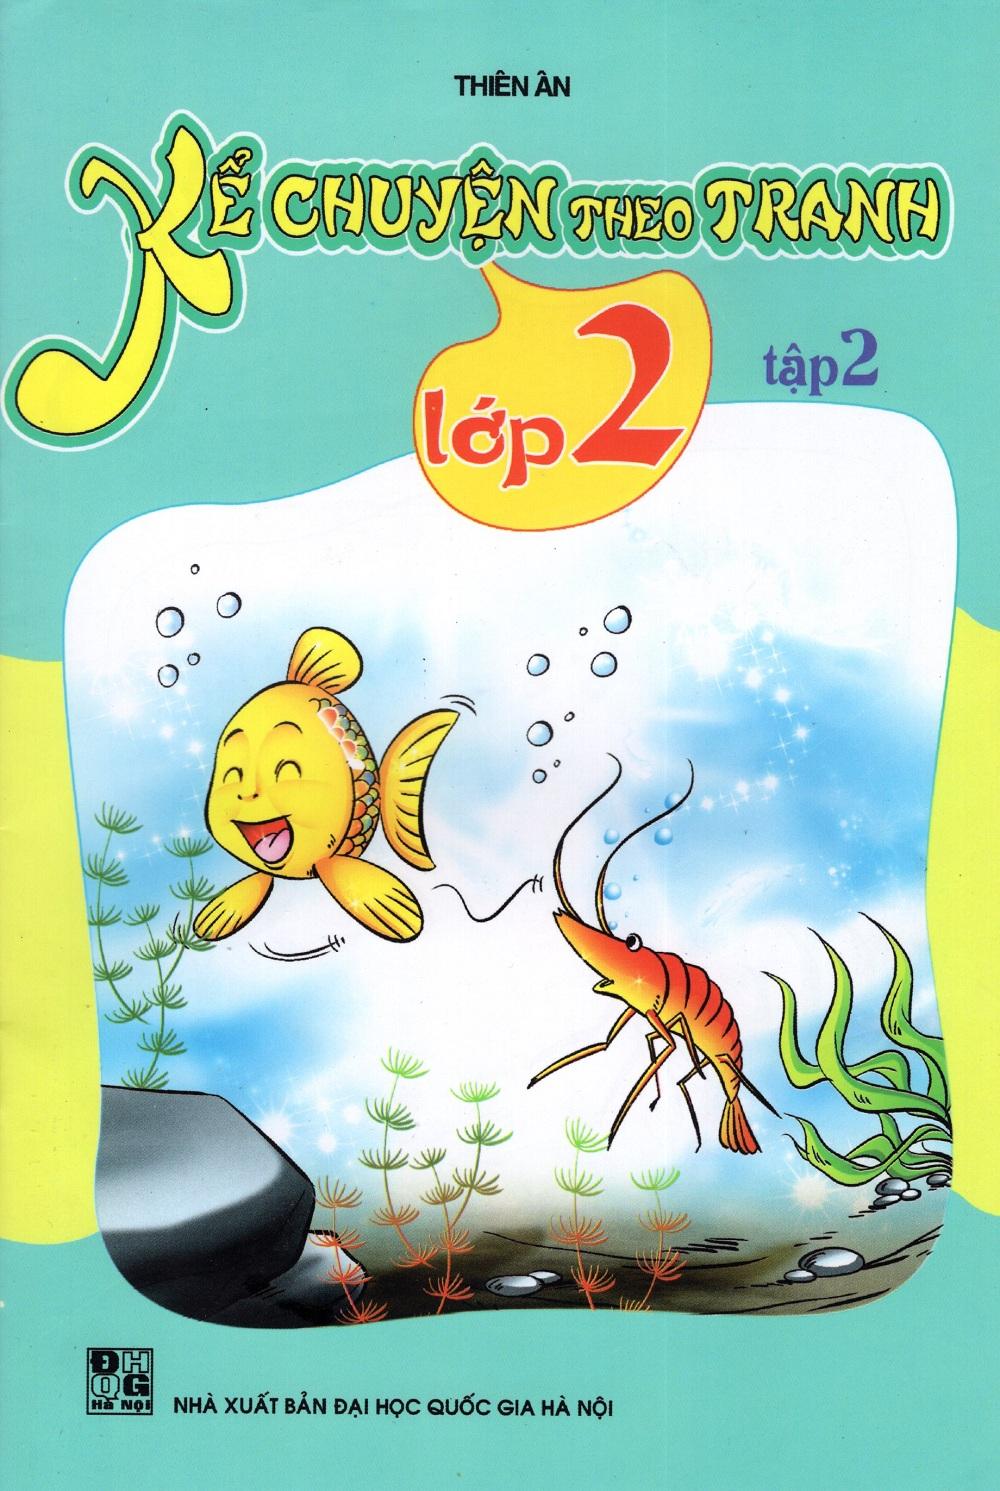 Bìa sách Kể Chuyện Theo Tranh Lớp 2 (Tập 2)